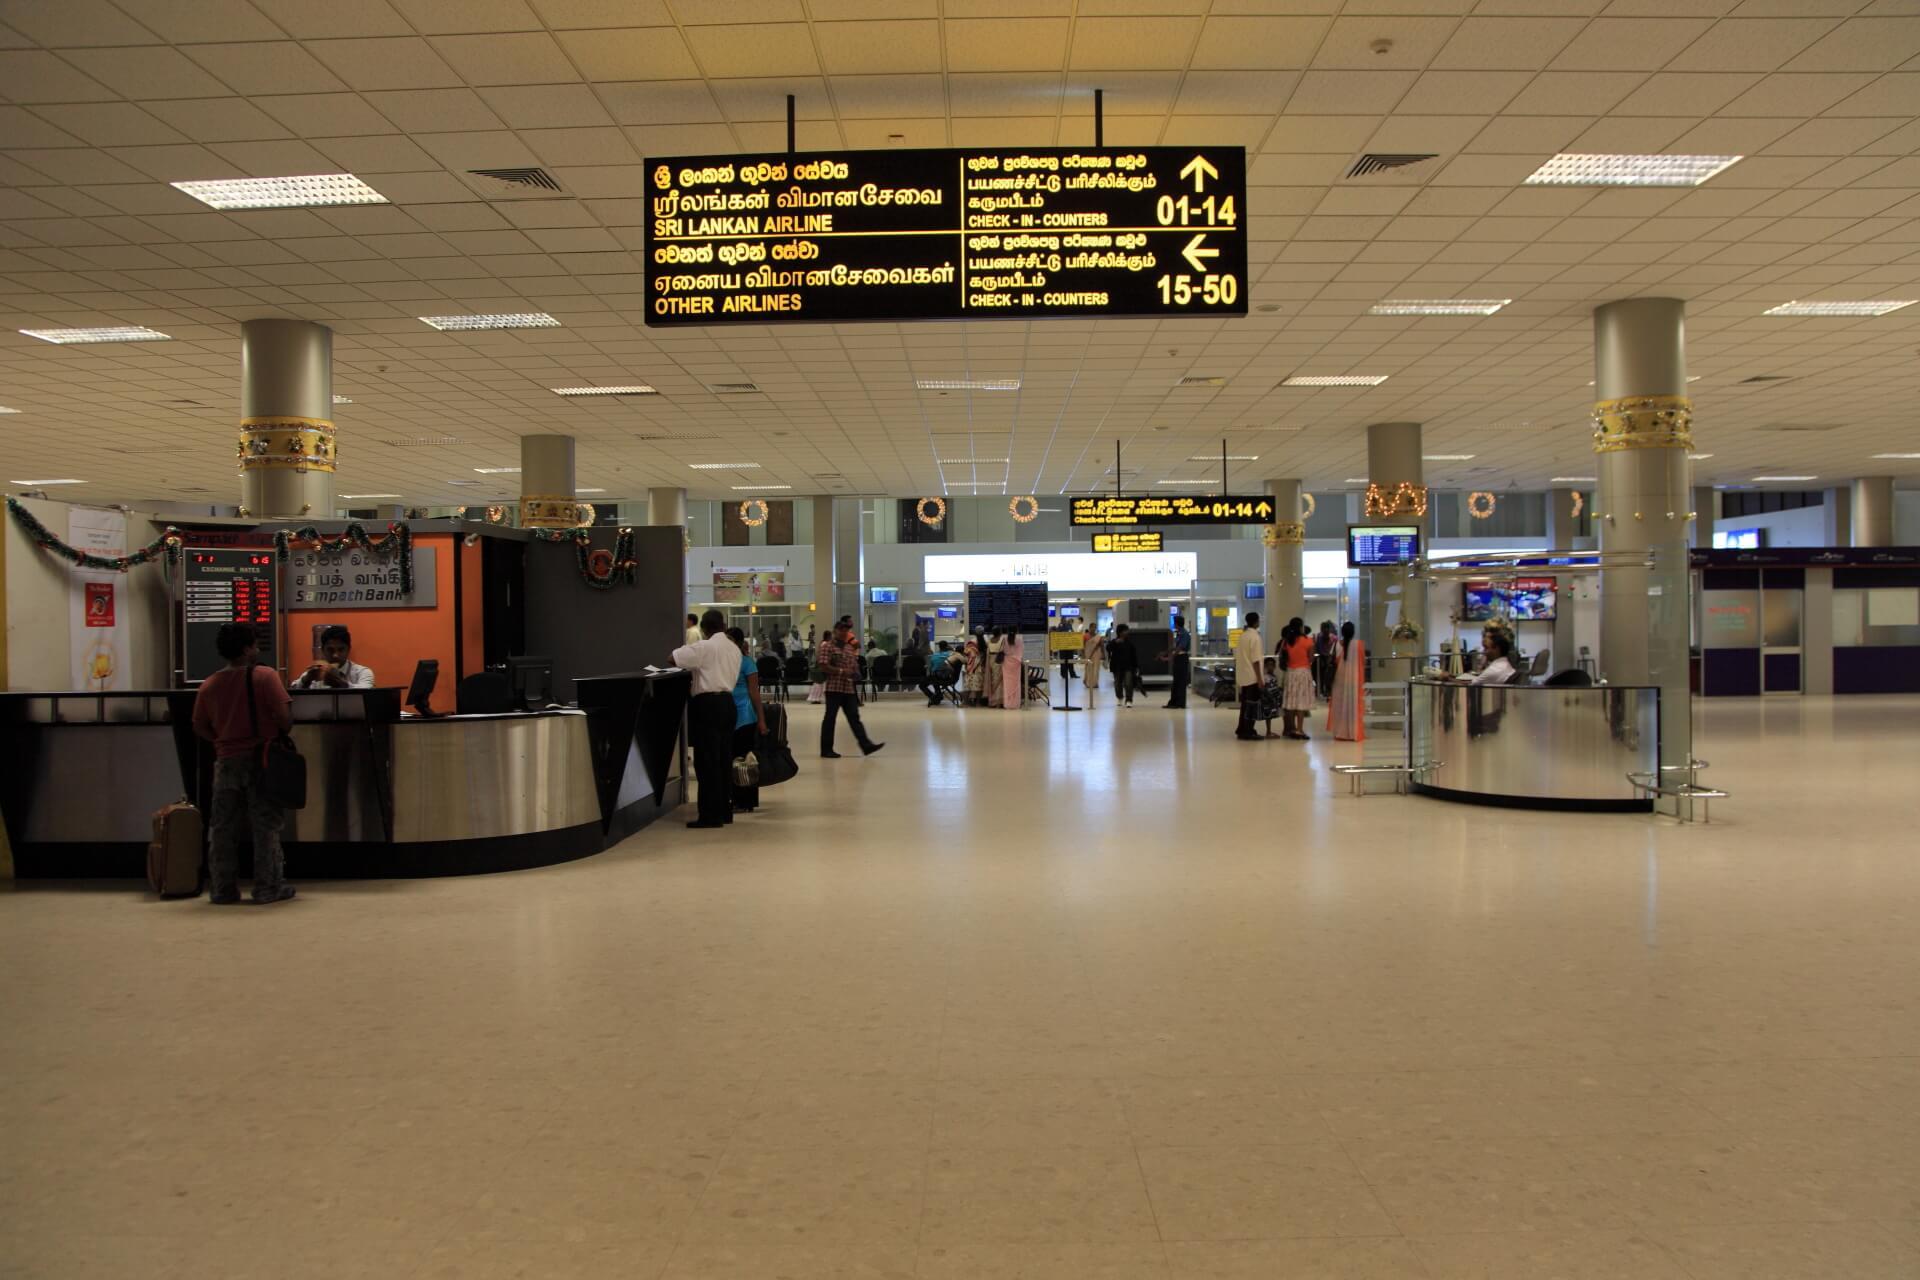 Международный аэропорт Коломбо Бандаранаике